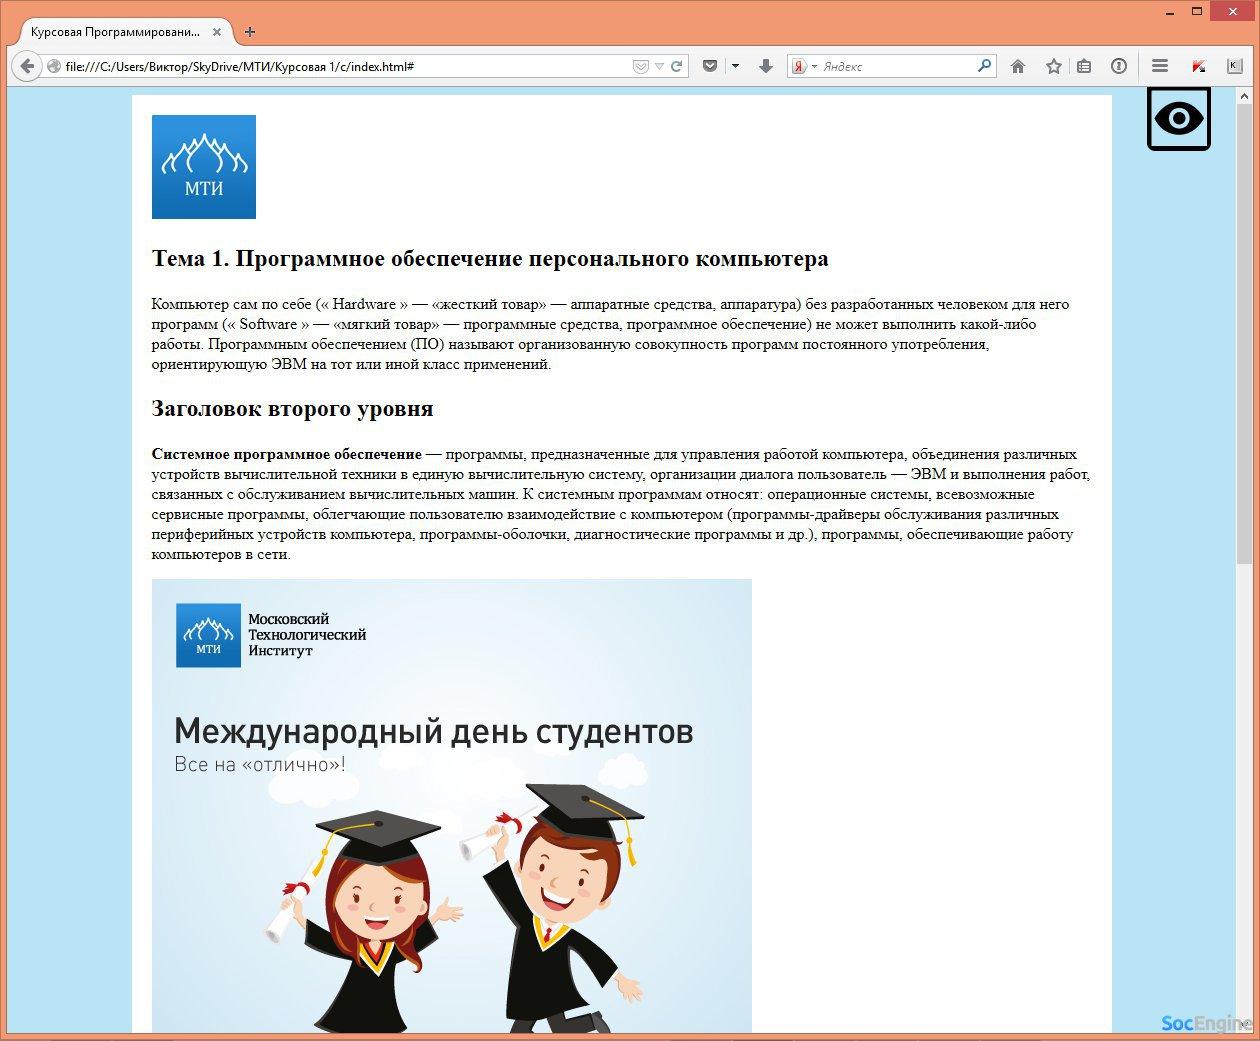 Курсовая работа Создание графических приложений для МТИ  В правом верхнем углу размещена кнопка для активации режима работы веб сайта с учетом потребностей